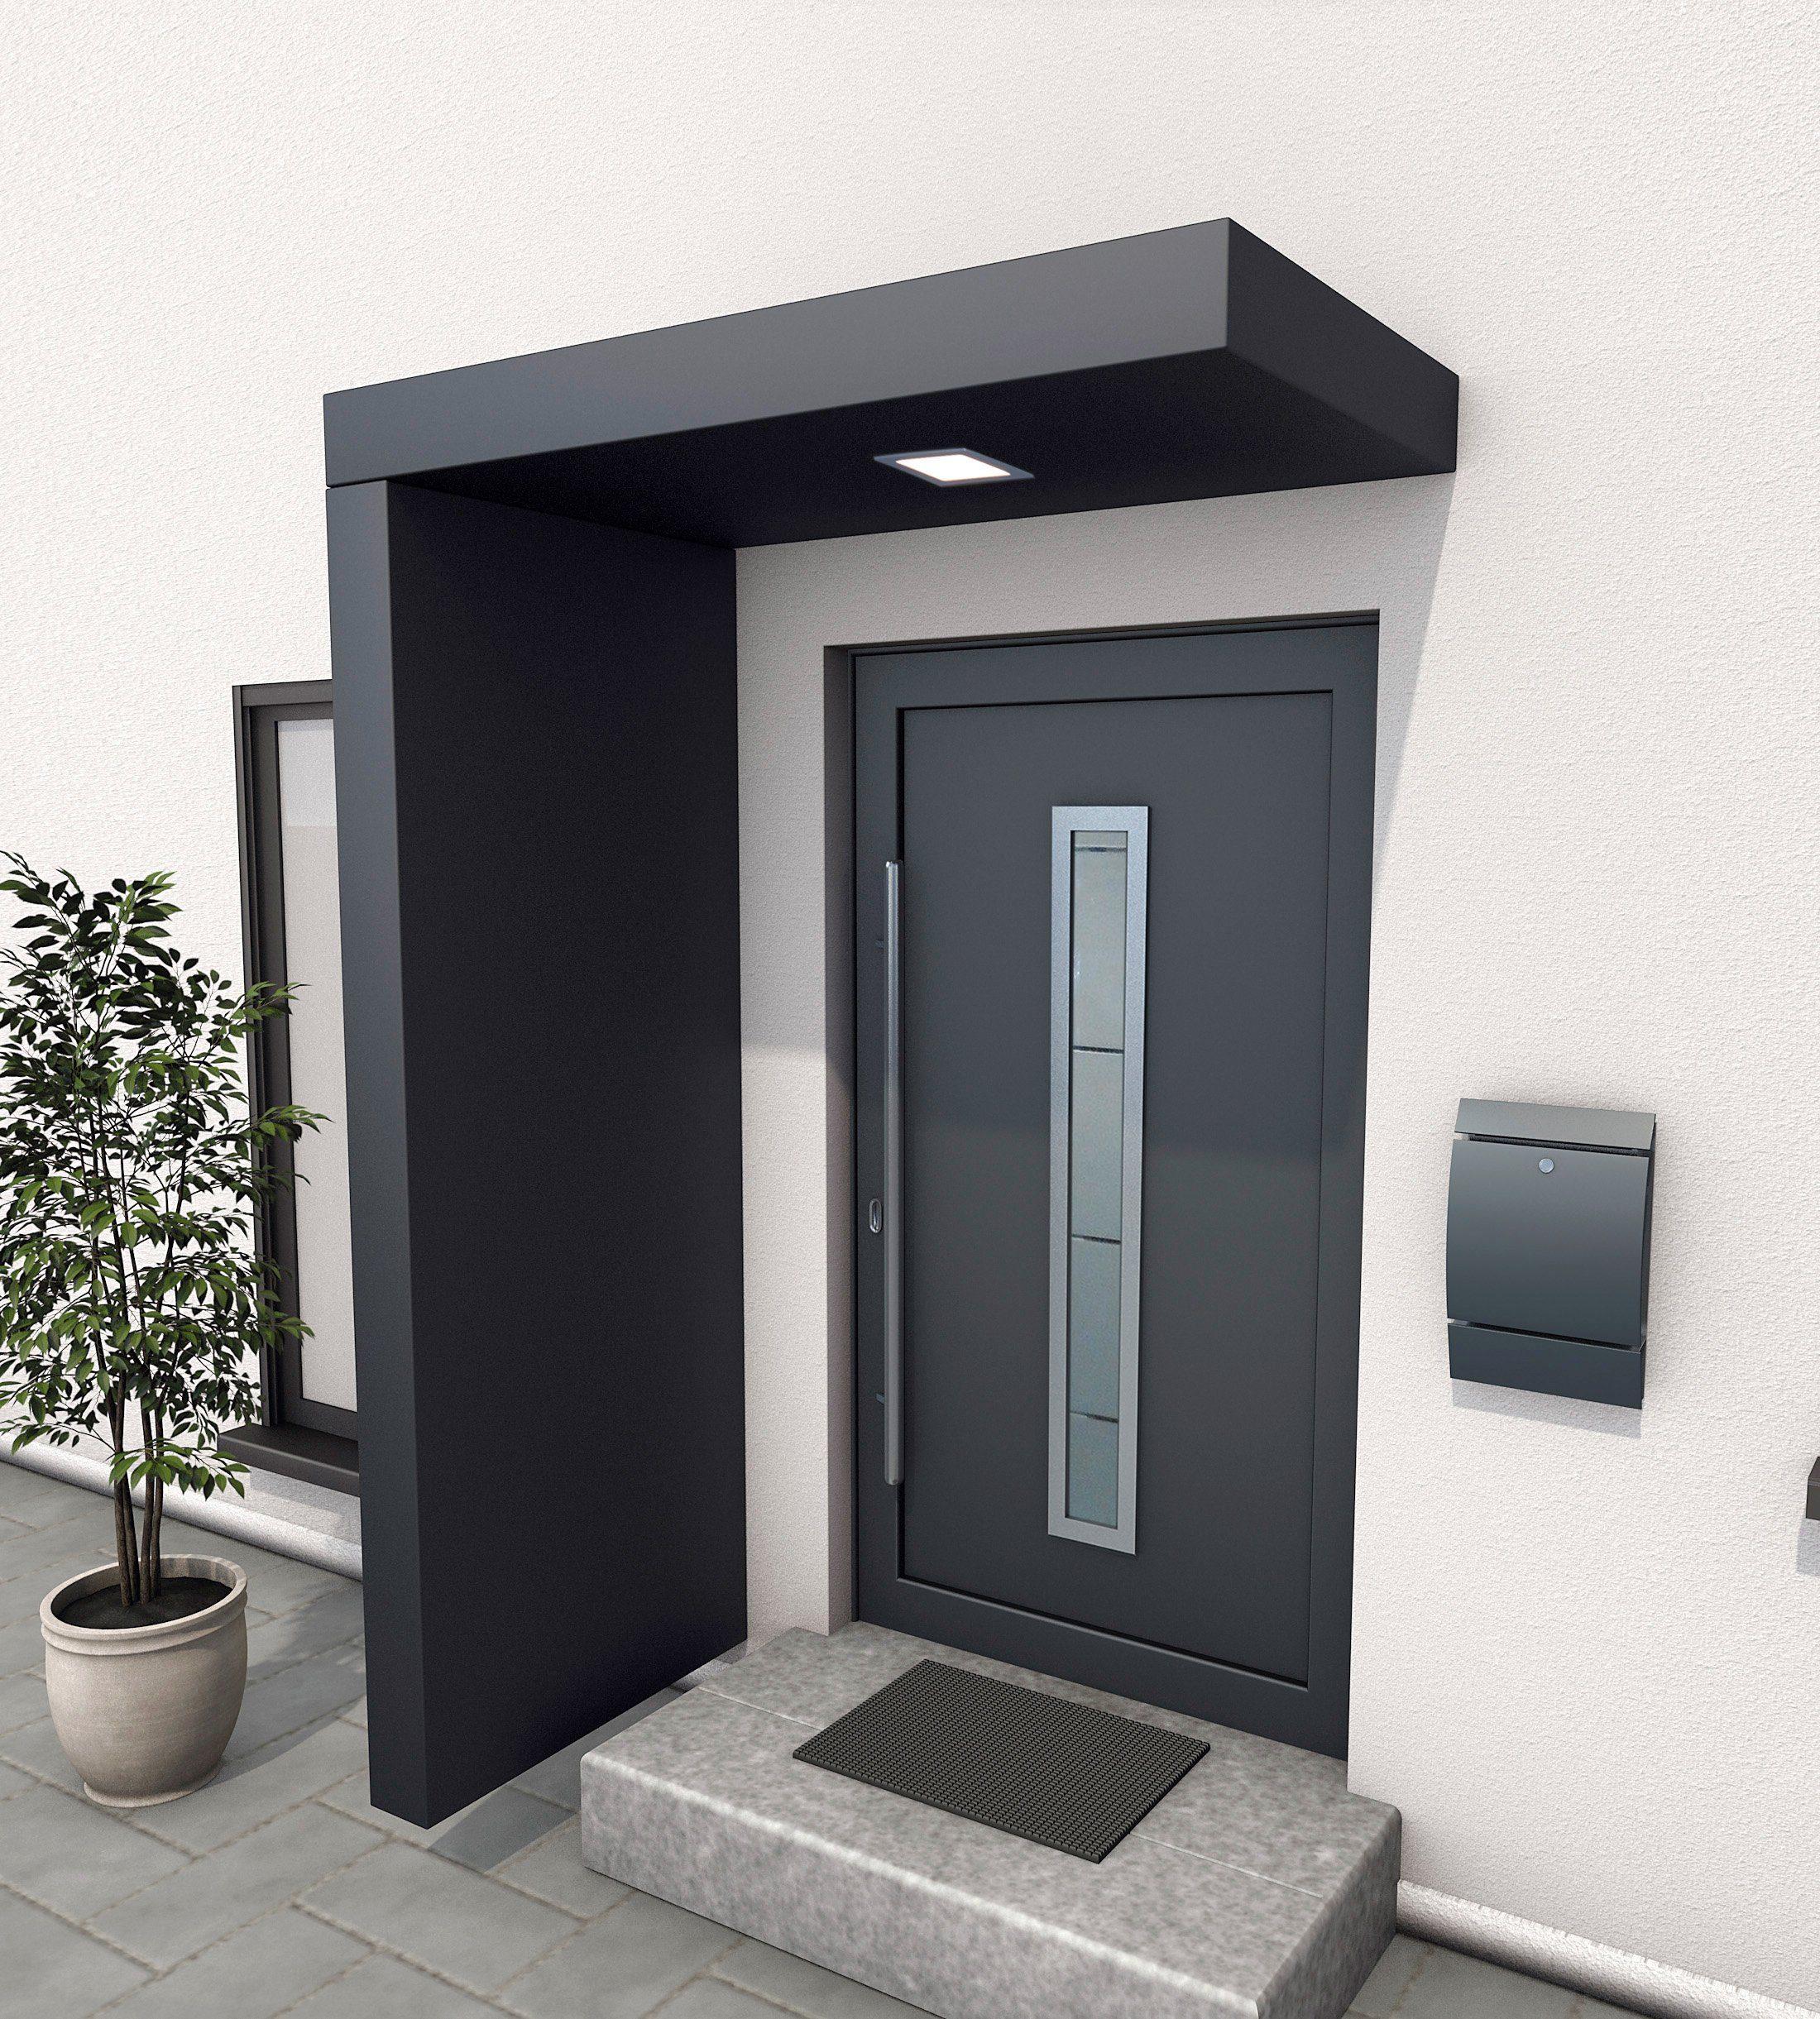 GUTTA Vordach-Set »BS 160«, 160 cm, mit Seitenteil, Aluminium anthrazit